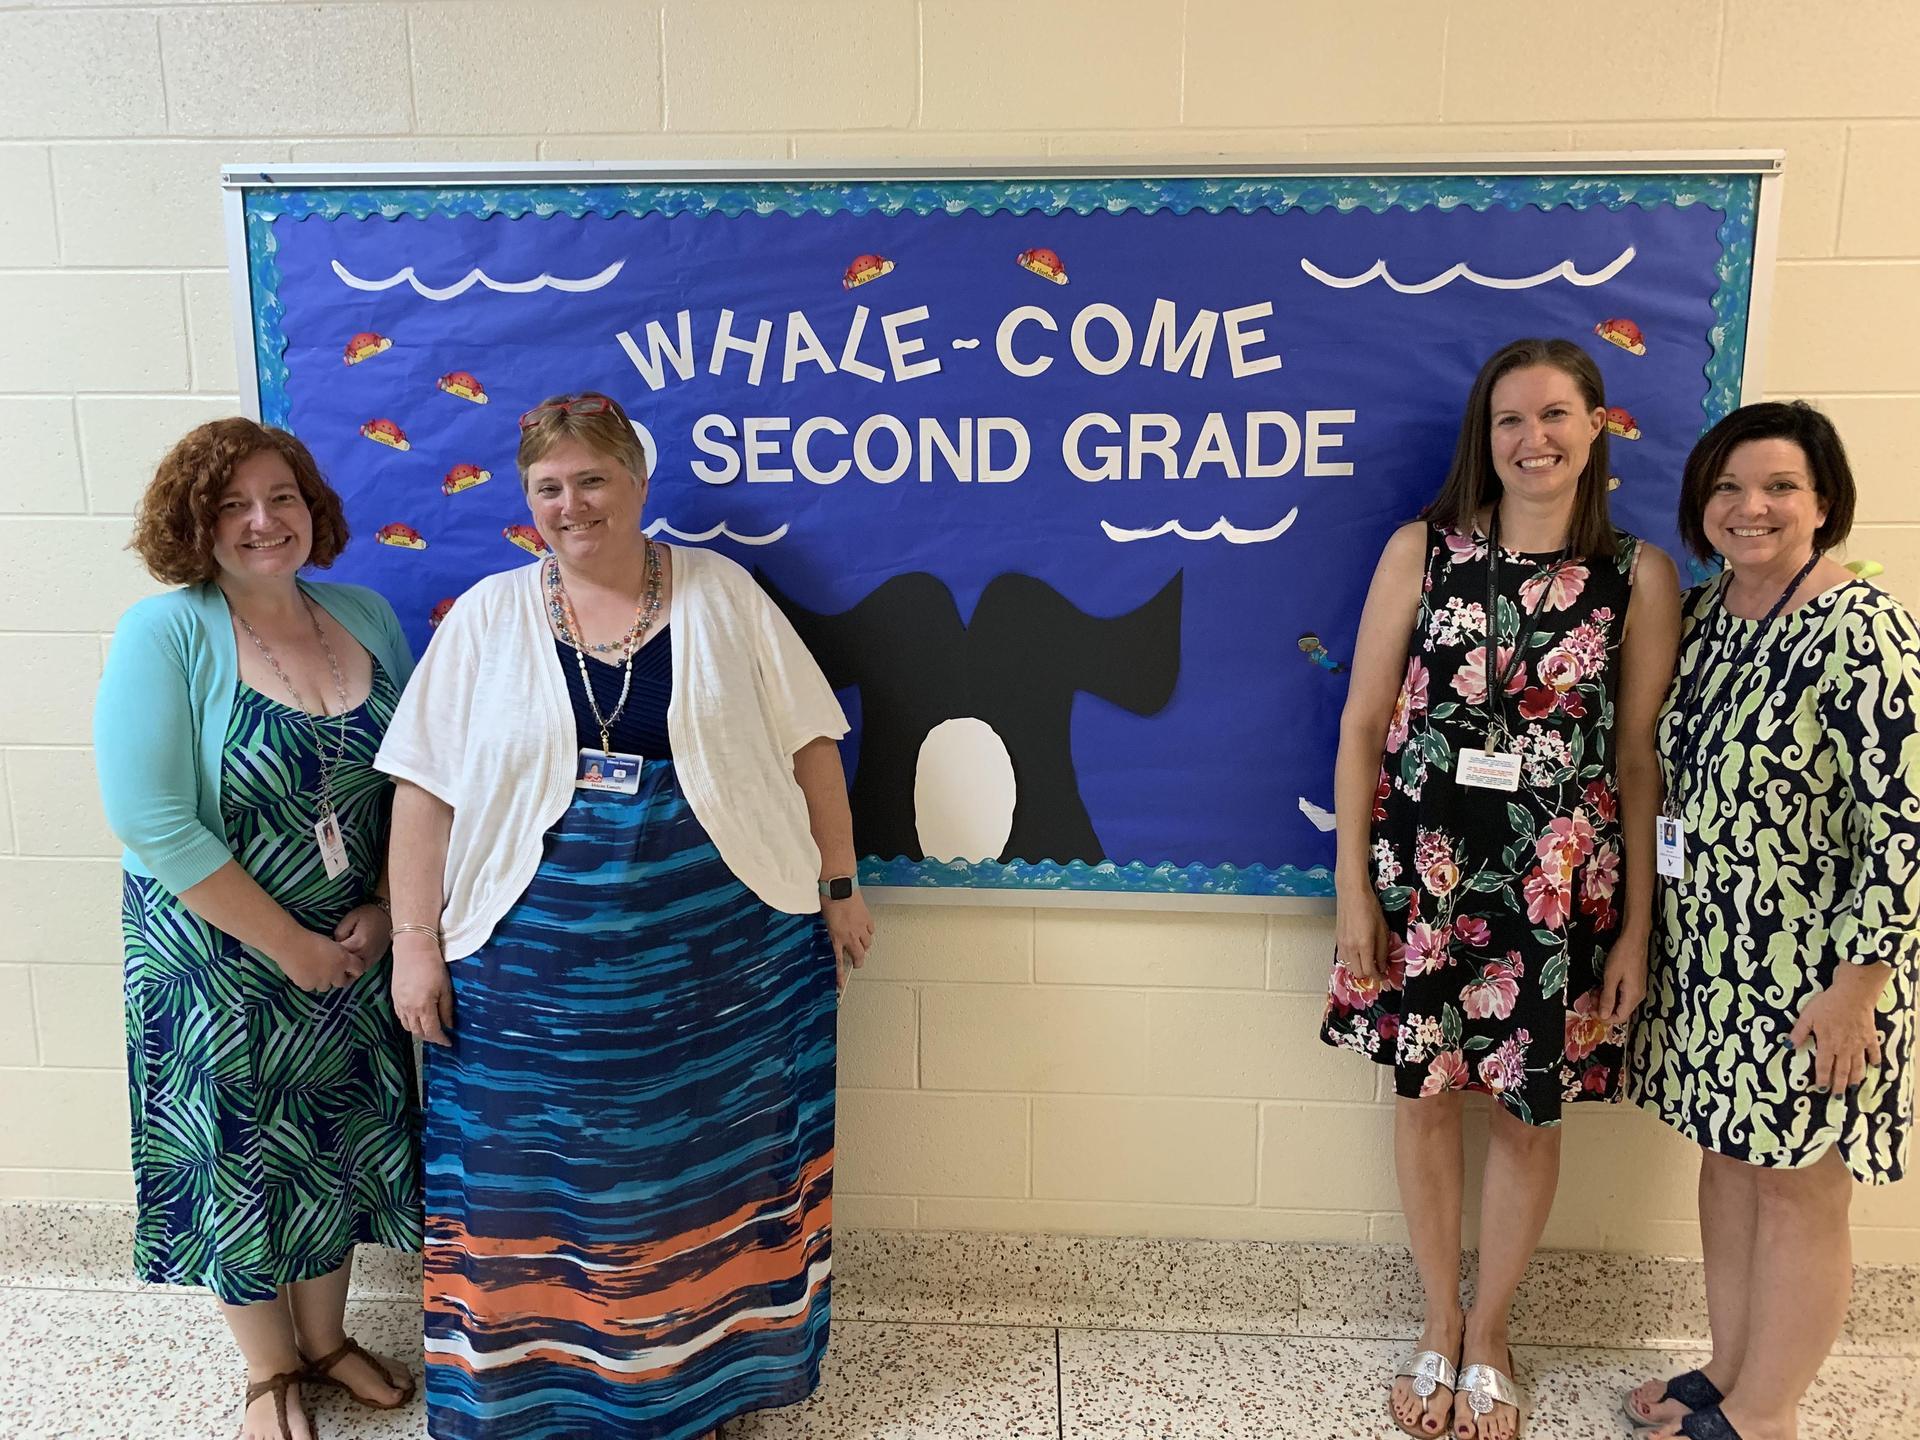 Second grade staff